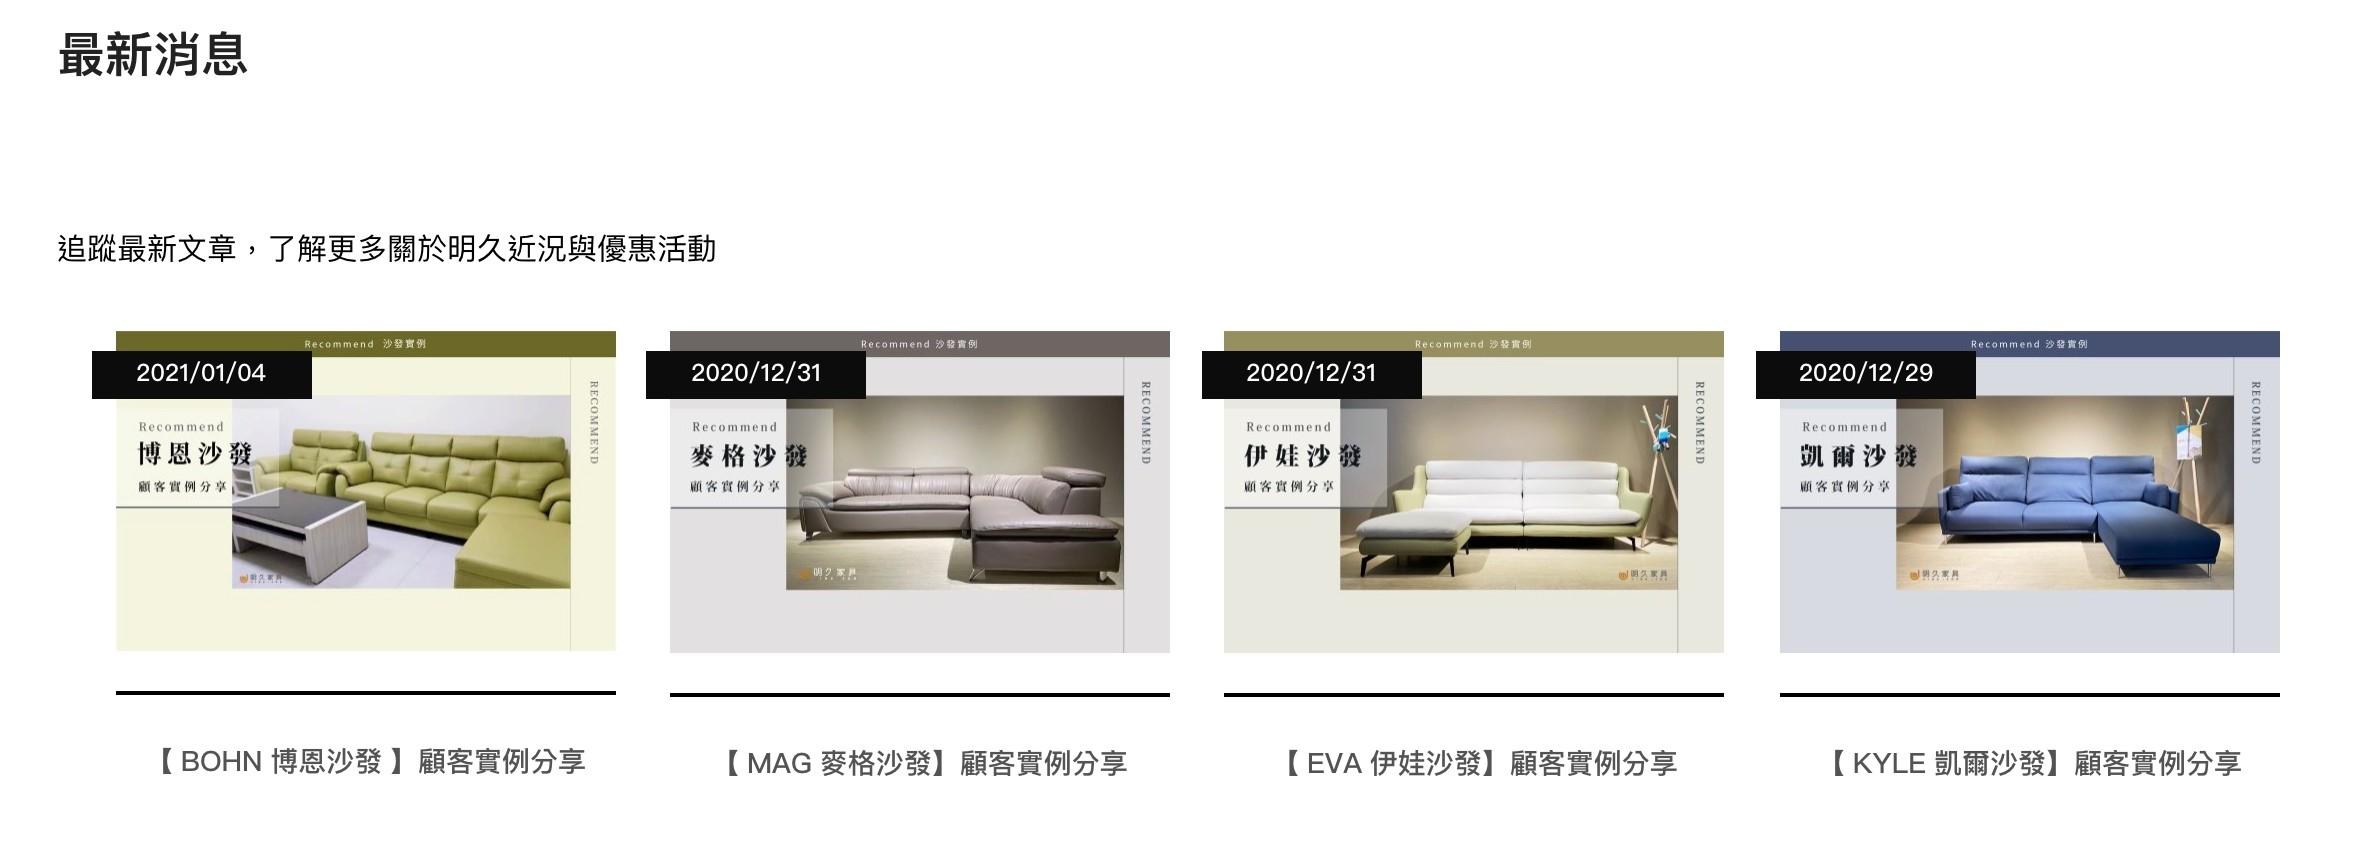 嘉義SEO網頁設計成功案例-最新活動消息及顧客反饋|明久家具-嘉義沙發、床墊工廠推薦品牌